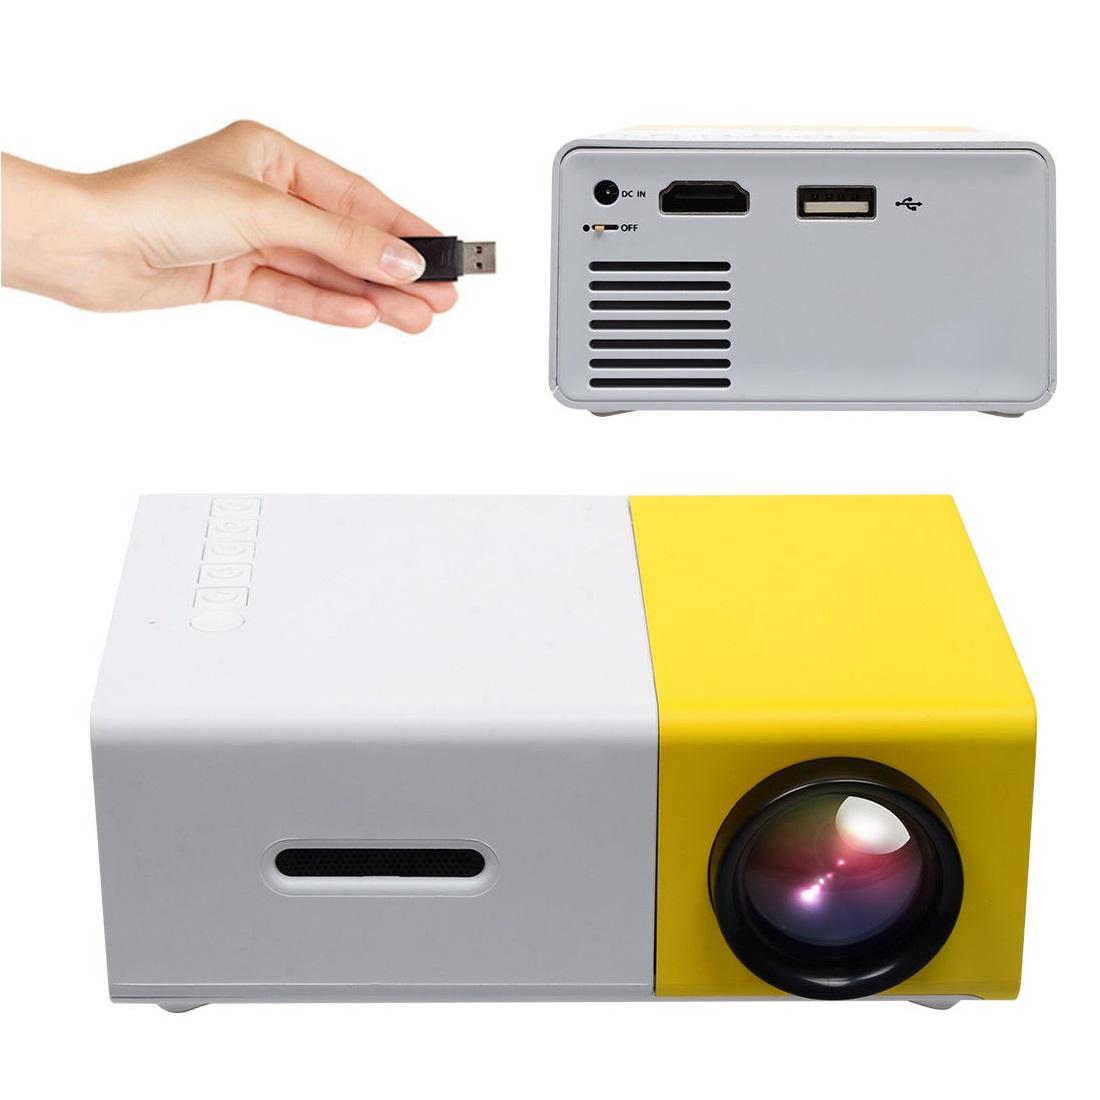 מקרן מולטימדיה נייד HD עוצמתי, עד 80 אינץ' בטכנולוגיית LED כולל שלט רחוק וסוללה נטענת חיבור HDMI  - משלוח חינם - תמונה 2